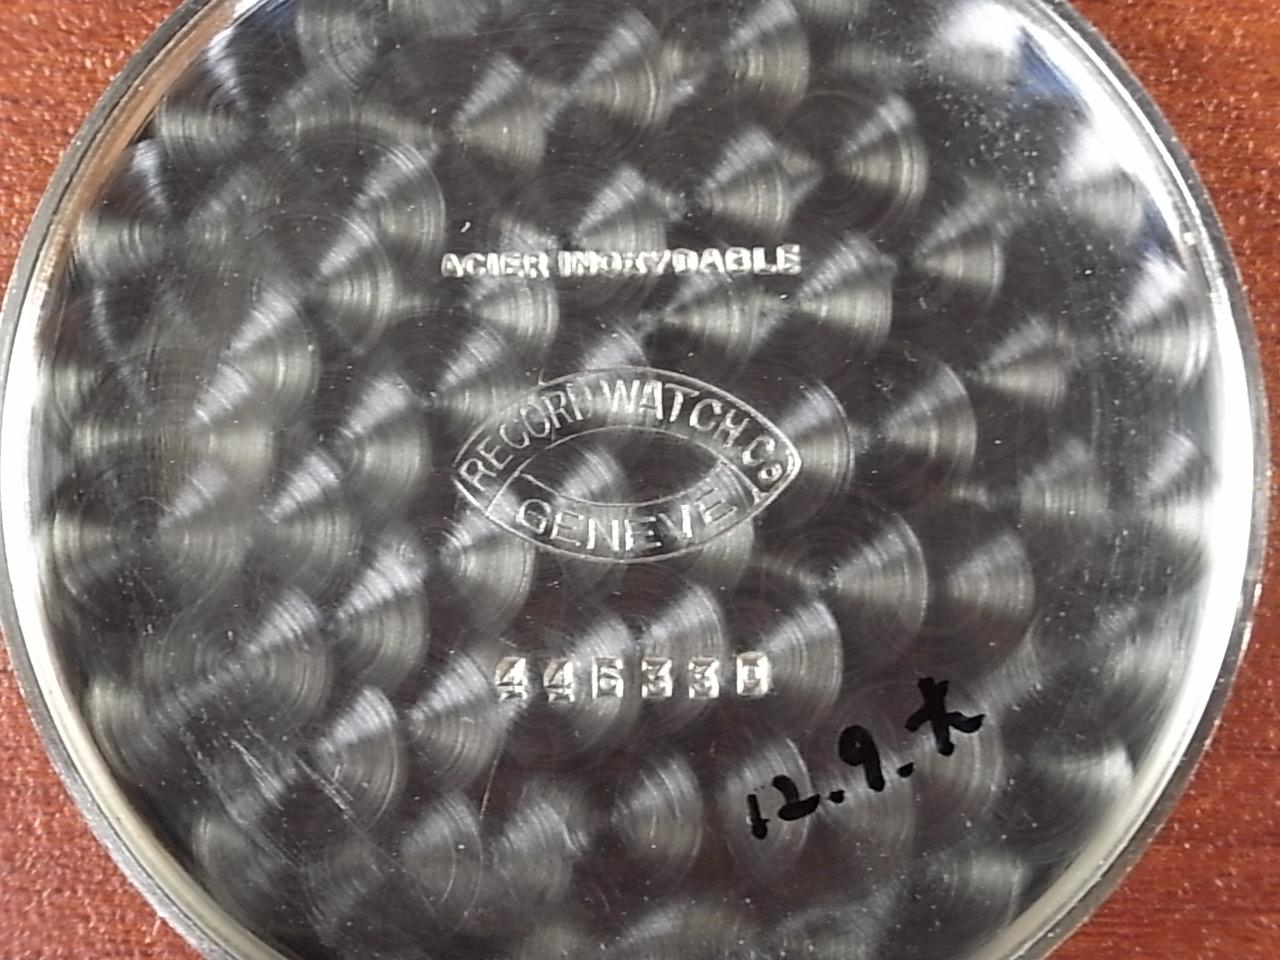 レコード ブラックミラーDL ピンクINDEX ニアミントコンディション タグ付き 1940年代の写真6枚目